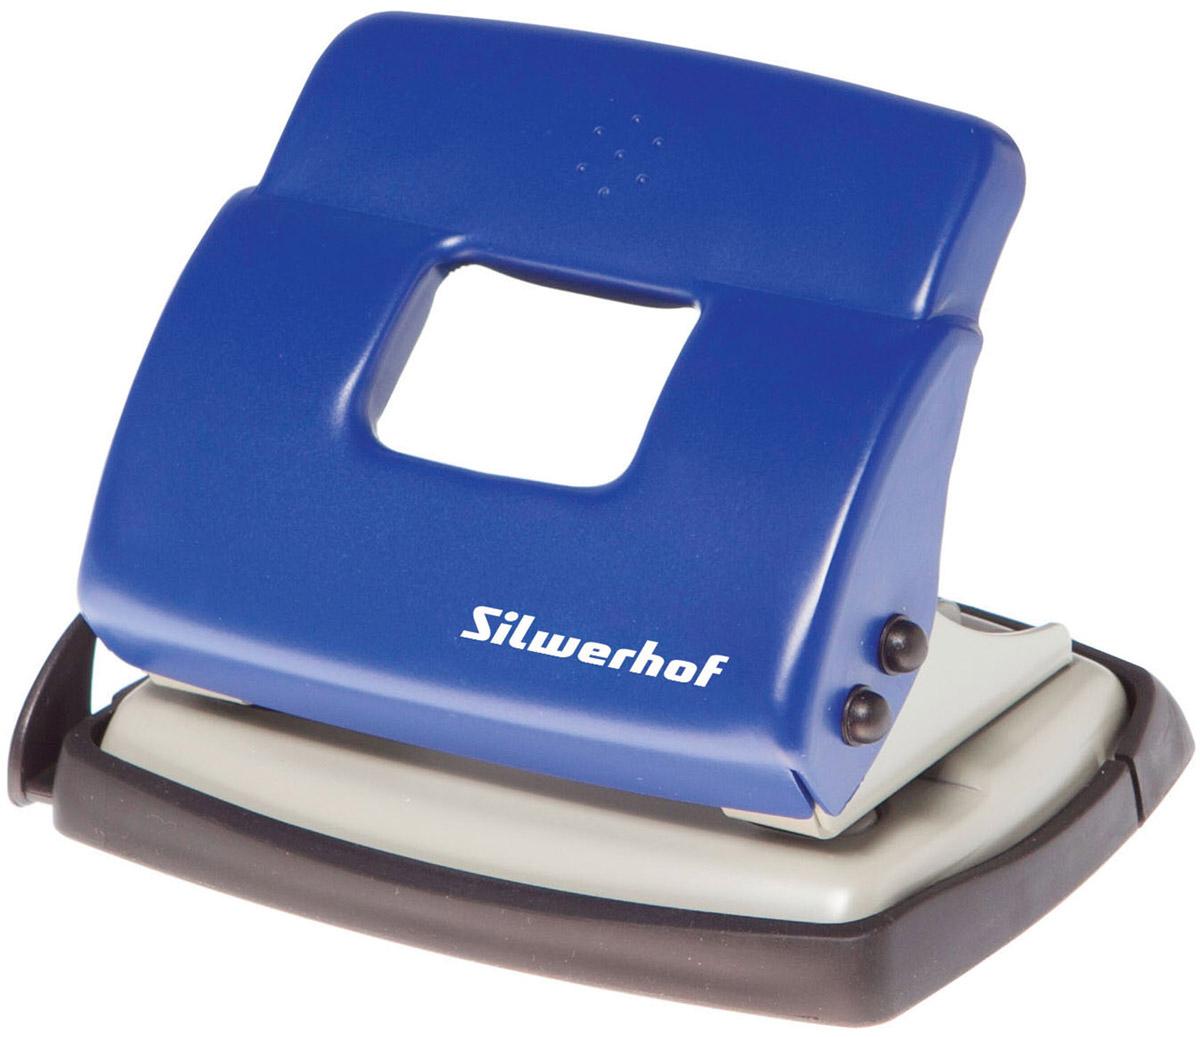 Silwerhof Дырокол Debut на 20 листов цвет синий392030-02Надежный цельнометаллический дырокол Silwerhof Debut - это незаменимый офисный инструмент для перфорации бумаги и картона.Металлический дырокол с нескользящим основанием предназначен для одновременной перфорации до 20 листов бумаги 80г/м. Для удобства он оснащен выдвижной линейкой с разметкой для документов различных форматов, а также имеет съемный резервуар для обрезков бумаги, встроенный в основание.Также у данного атрибута присутствует окно для персонализации и пластиковый поддон для сбора конфетти с функцией частичного открывания.